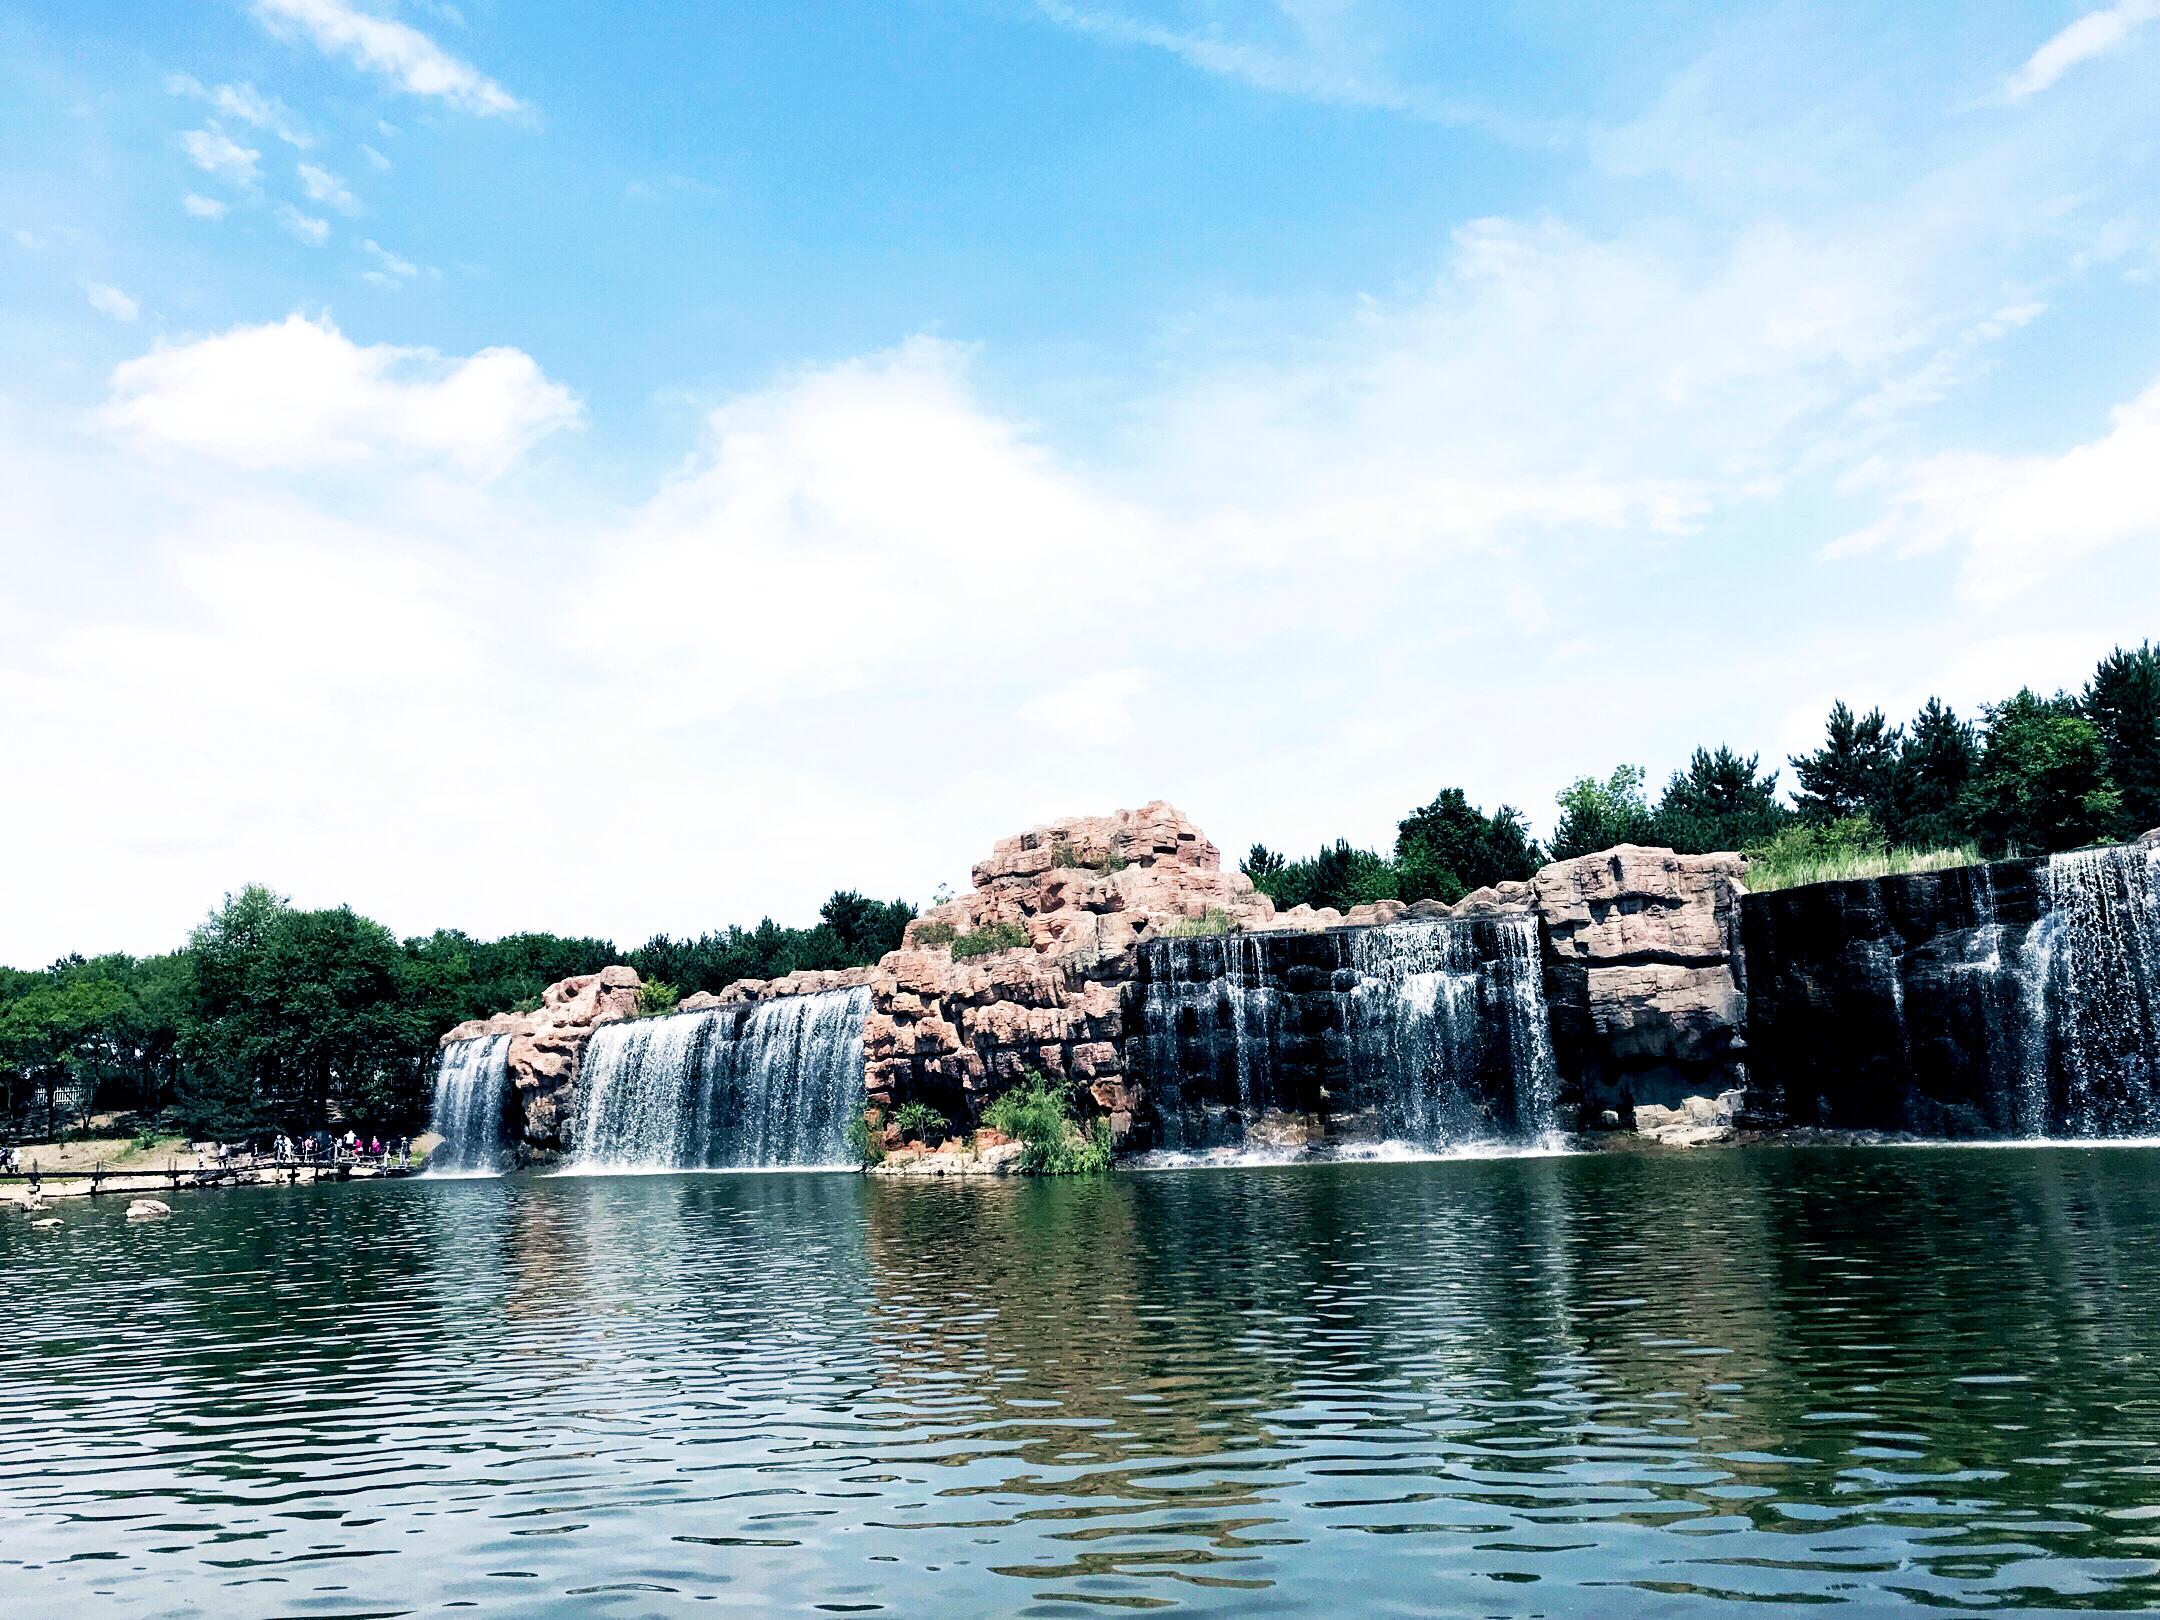 太阳岛风景区的人造瀑布